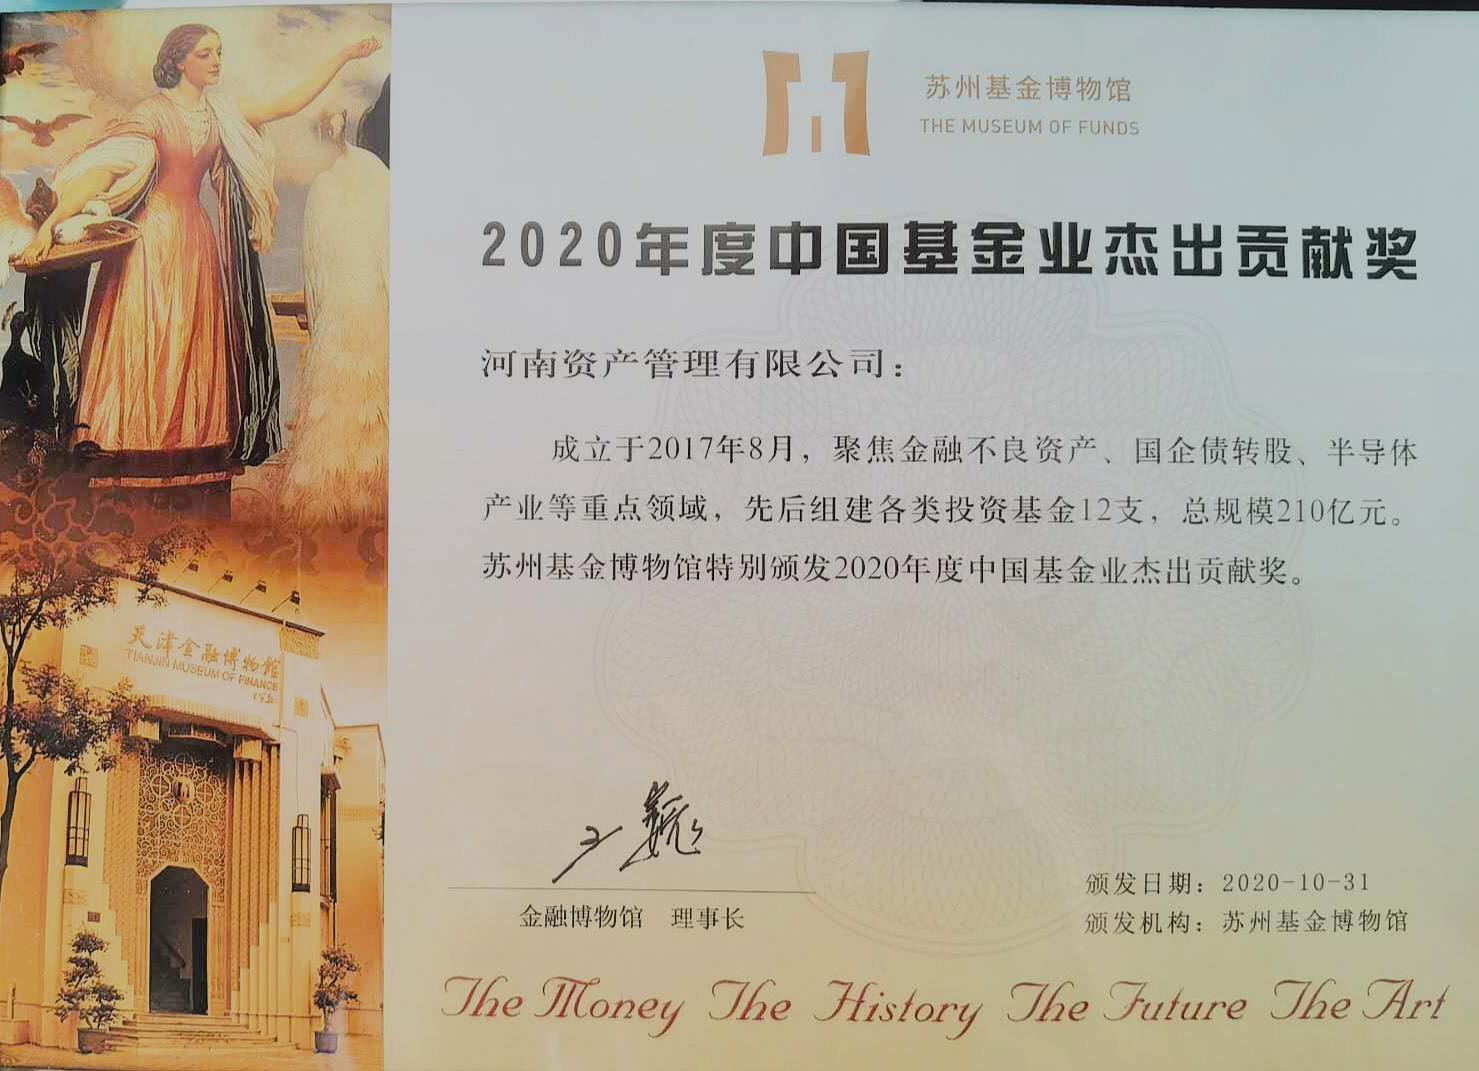 2020年度中国基金业杰出贡献奖